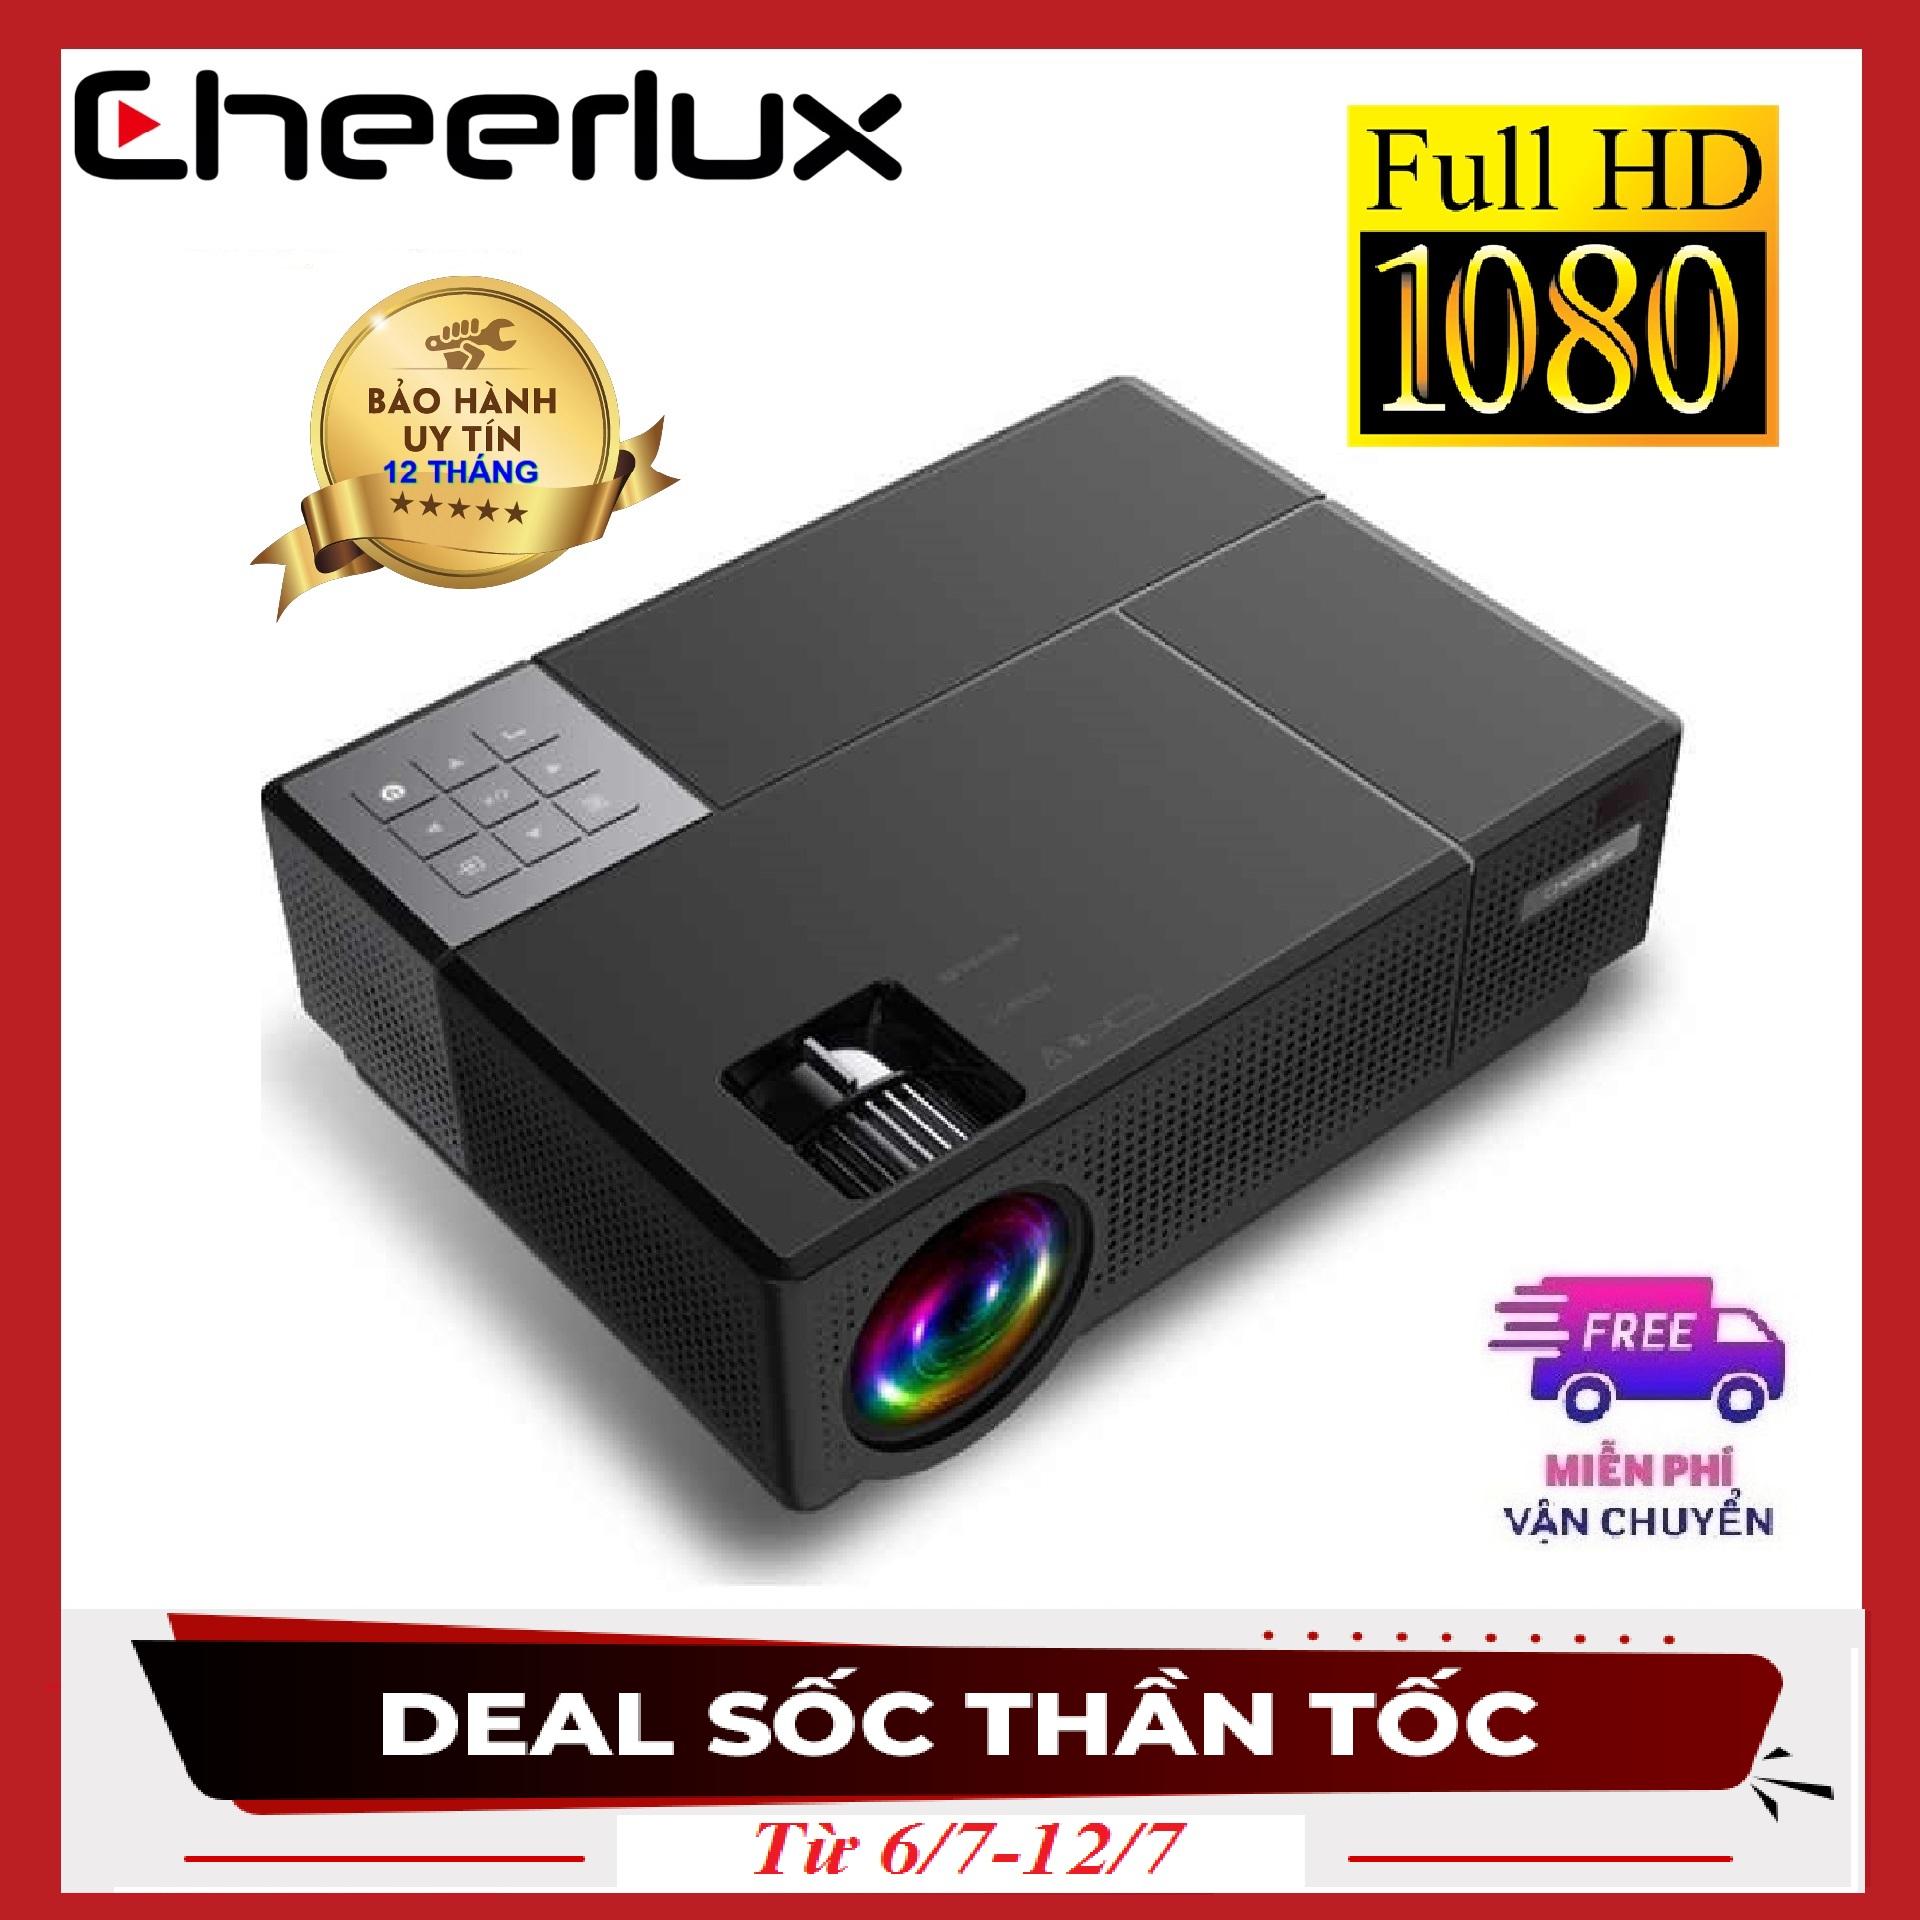 Offer Khuyến Mãi Máy Chiếu FULL HD Cheerlux CL770 Projector 1920x1080 , đèn Led 175W, 4000 Lumens Sáng Rỏ, Chức Năng Zoom, điều Chỉnh Vuông Hình 4 Chiều, Phù Hợp Xem Phim Tại Gia, Cafe Bóng đá, Phòng Họp.